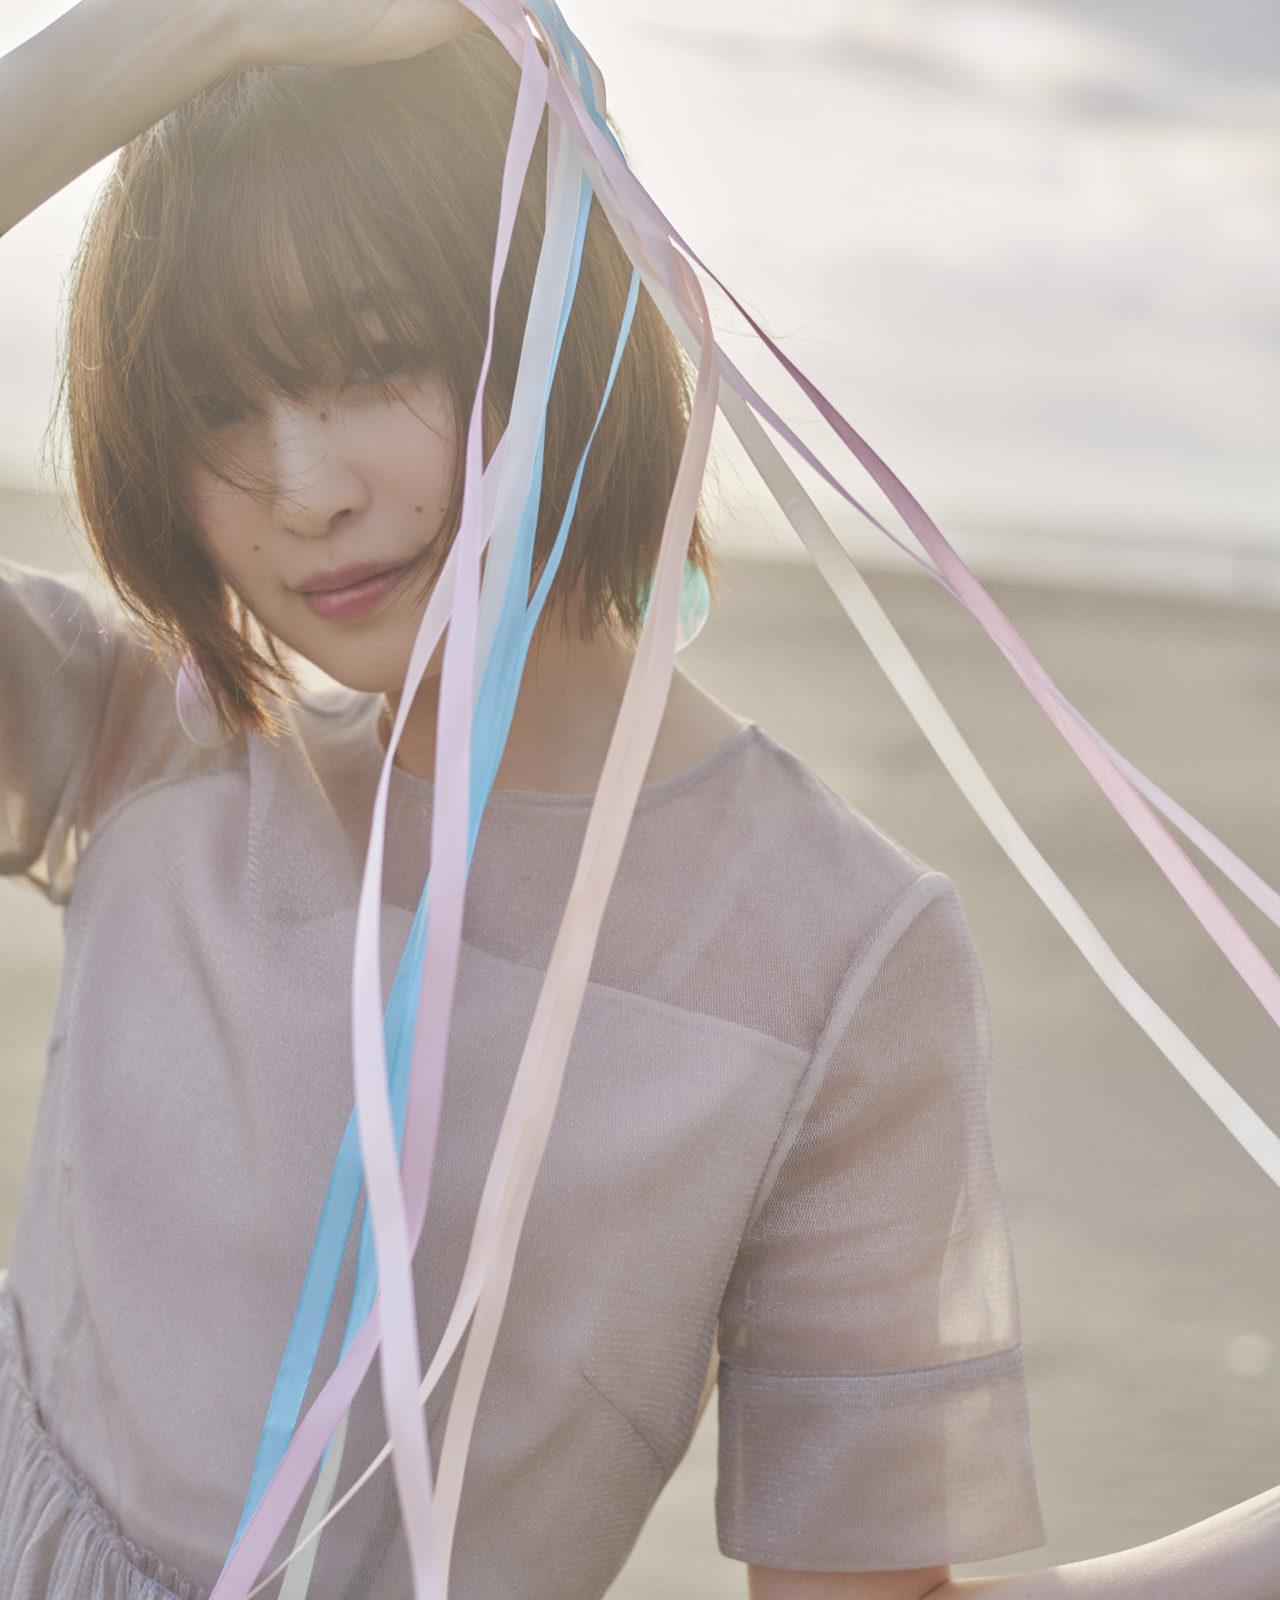 上⽥麗奈、2ndシングル「リテラチュア」10⽉21⽇にリリース決定サムネイル画像